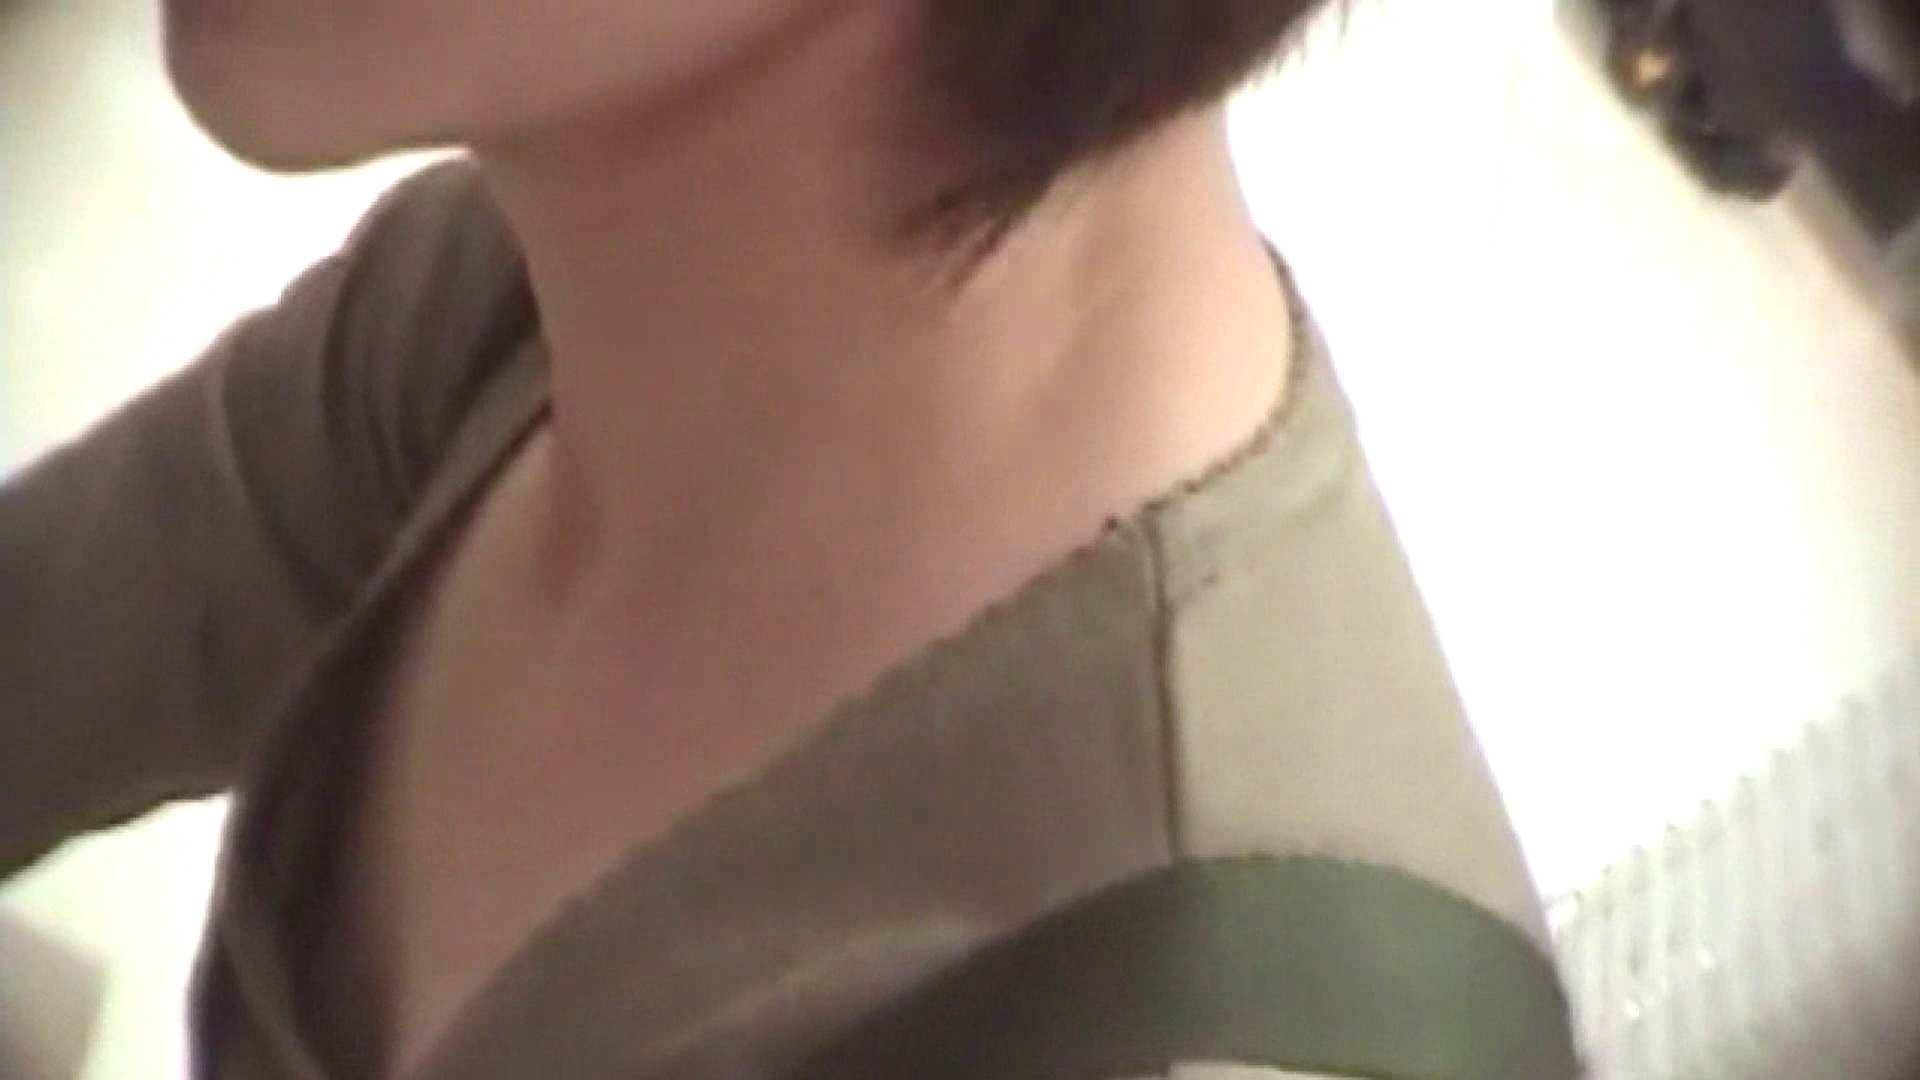 真剣に買い物中のgal達を上から下から狙います。vol.06 JKのエロ生活 | OLのエロ生活  106連発 19